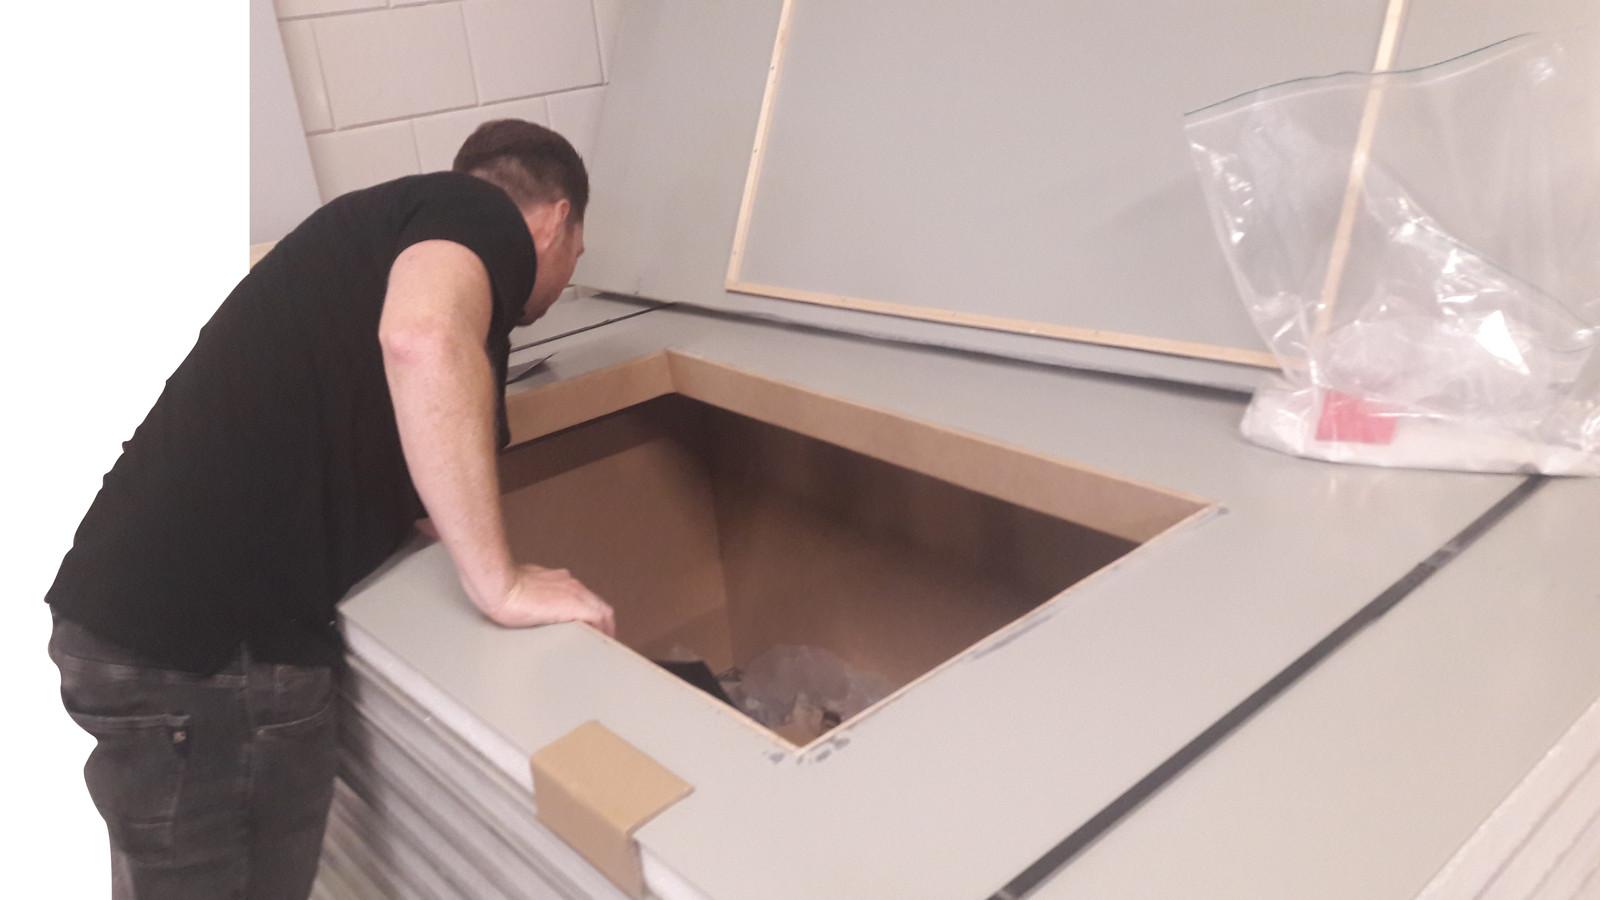 Tijdens een actie van het PIT, dat als voorbeeld dient voor het Maasland Interventie Team, bij een bedrijf blijkt een stapel isolatieplaten een holle ruimte te verbergen.